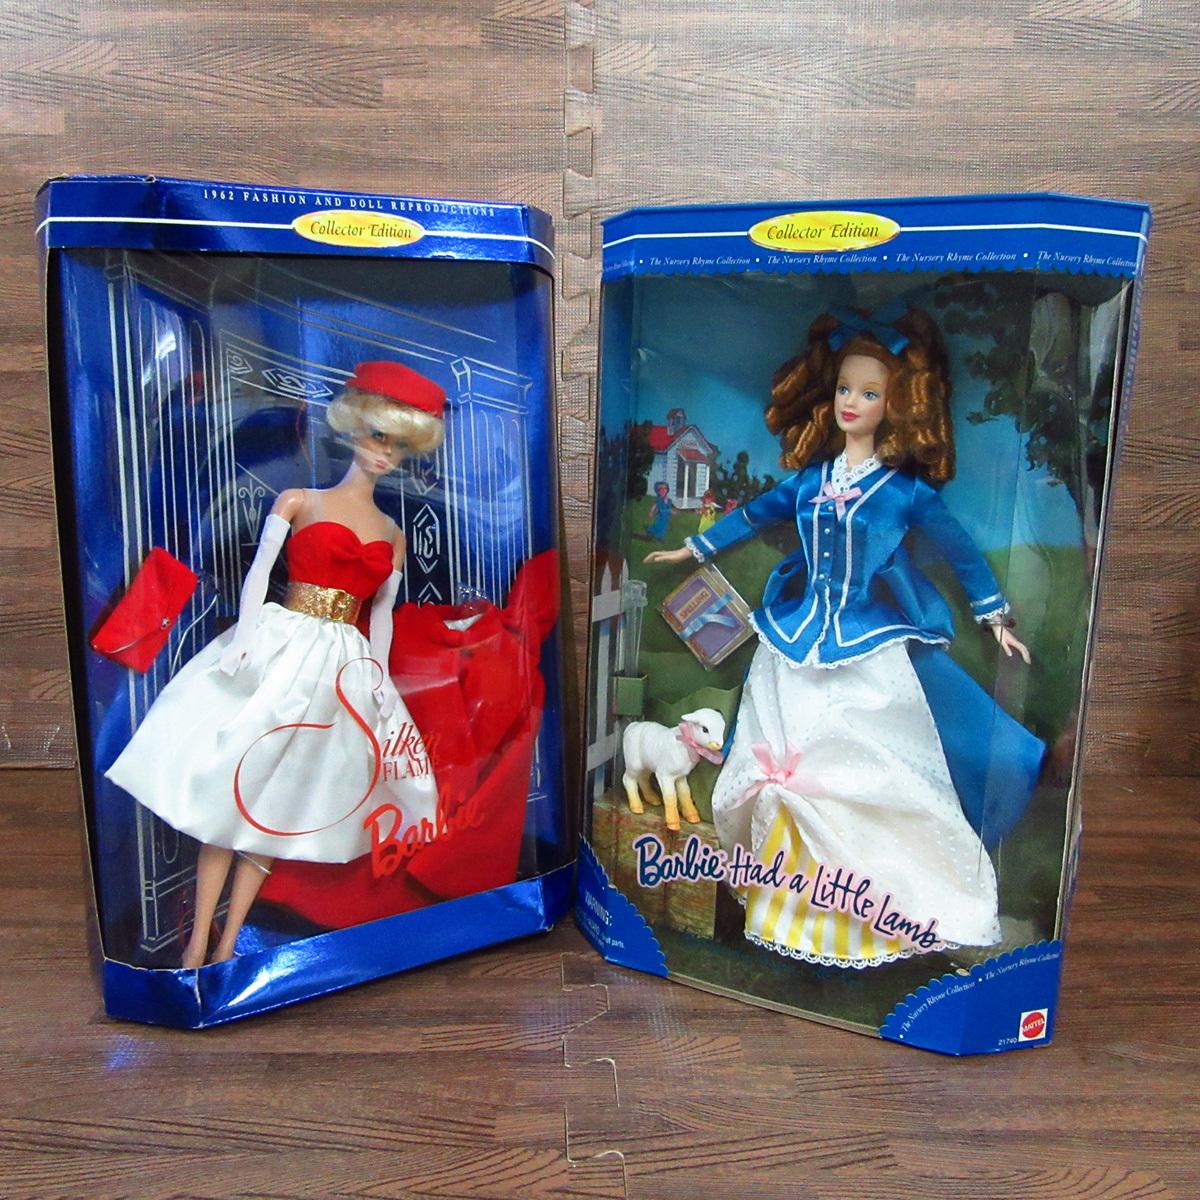 未使用 箱入り Barbie バービー 8点セット MATTEL マテル ドール 人形 8体 まとめ 玩具 東E_画像4